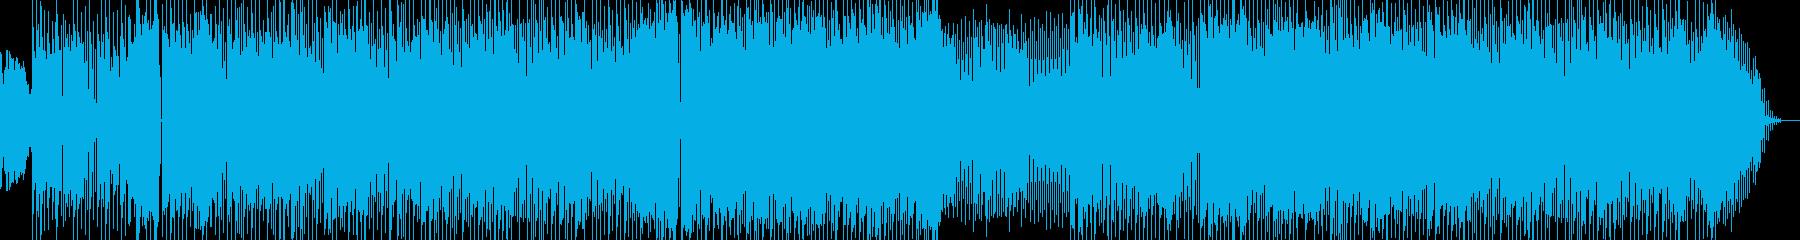 シンセのシーケンスが印象的なダンス曲の再生済みの波形